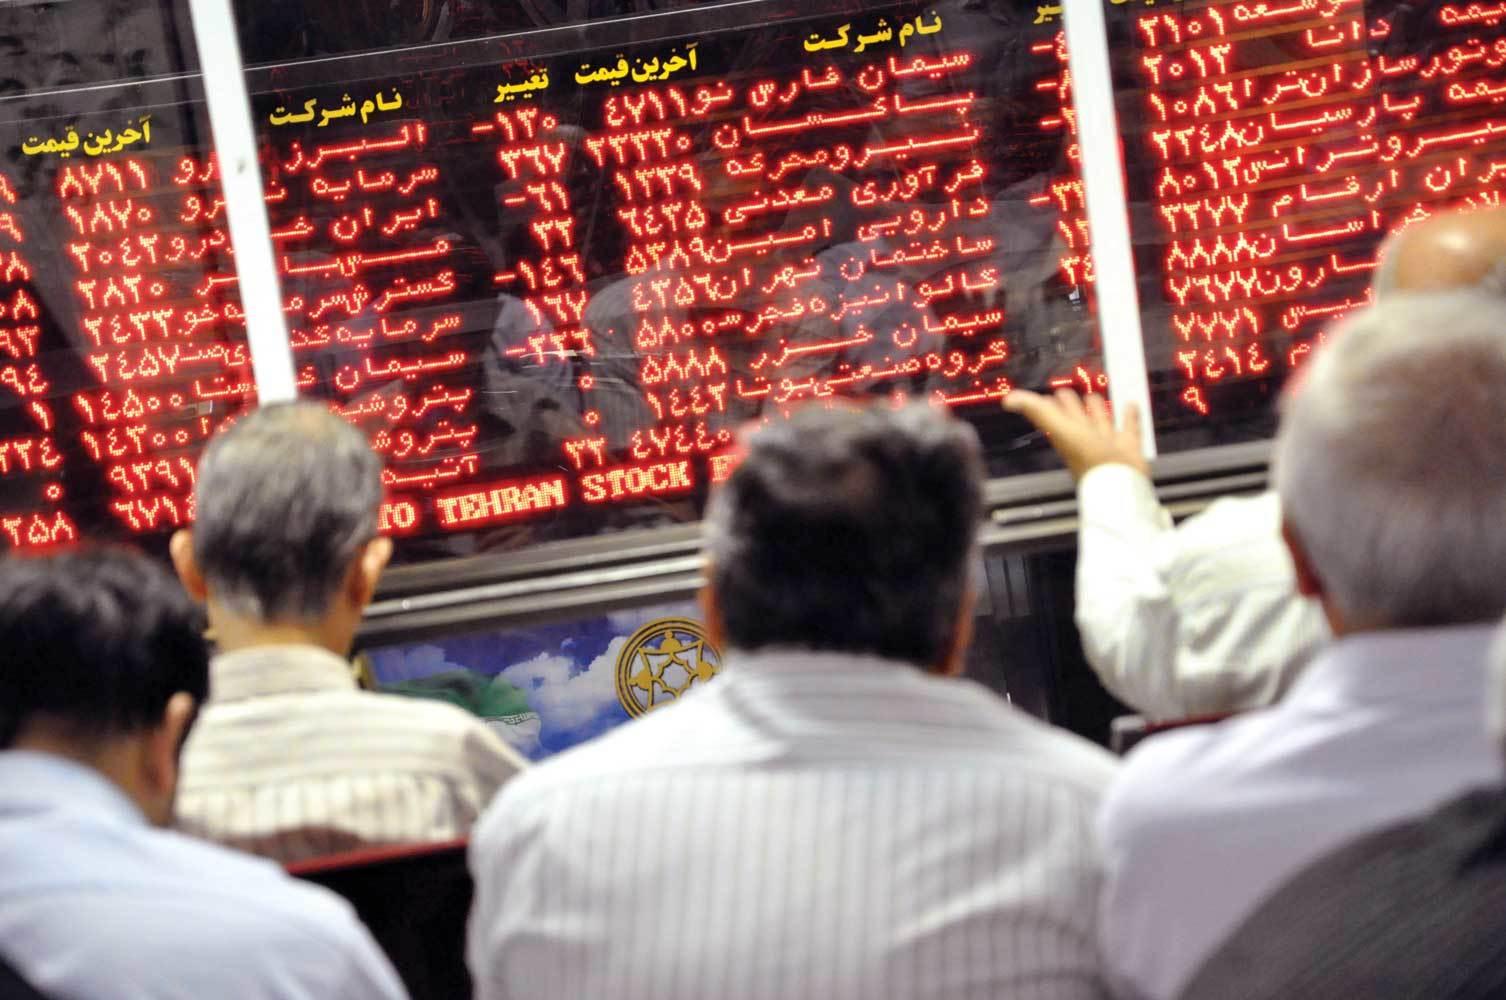 بورسبازی با چاشنی ابهام | تزلزل مواضع سیاستگذاران بر هیجان معاملات سهام افزود